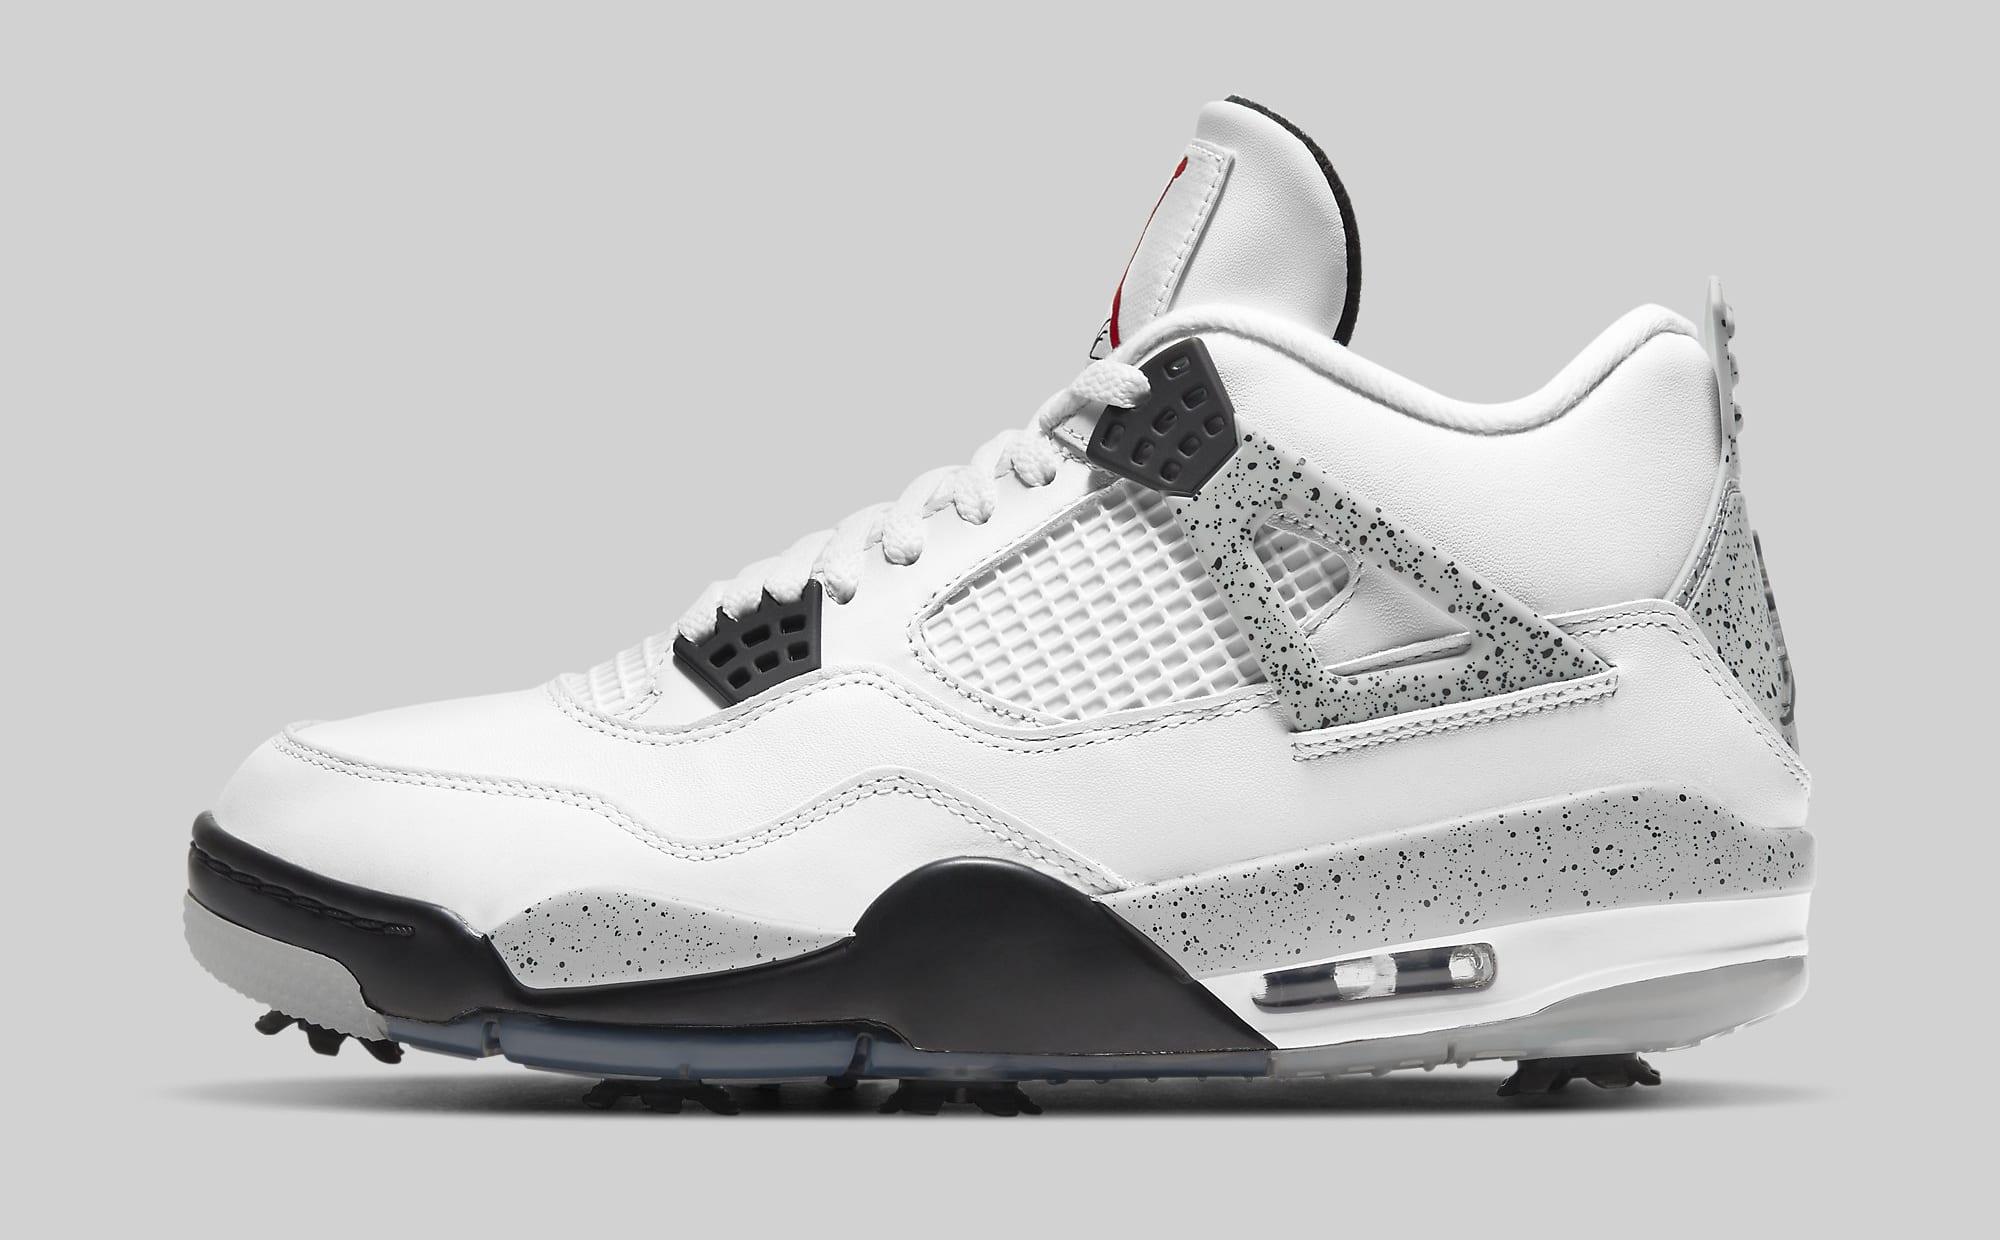 Air Jordan 4 Golf 'White Cement' CU9981-100 Lateral